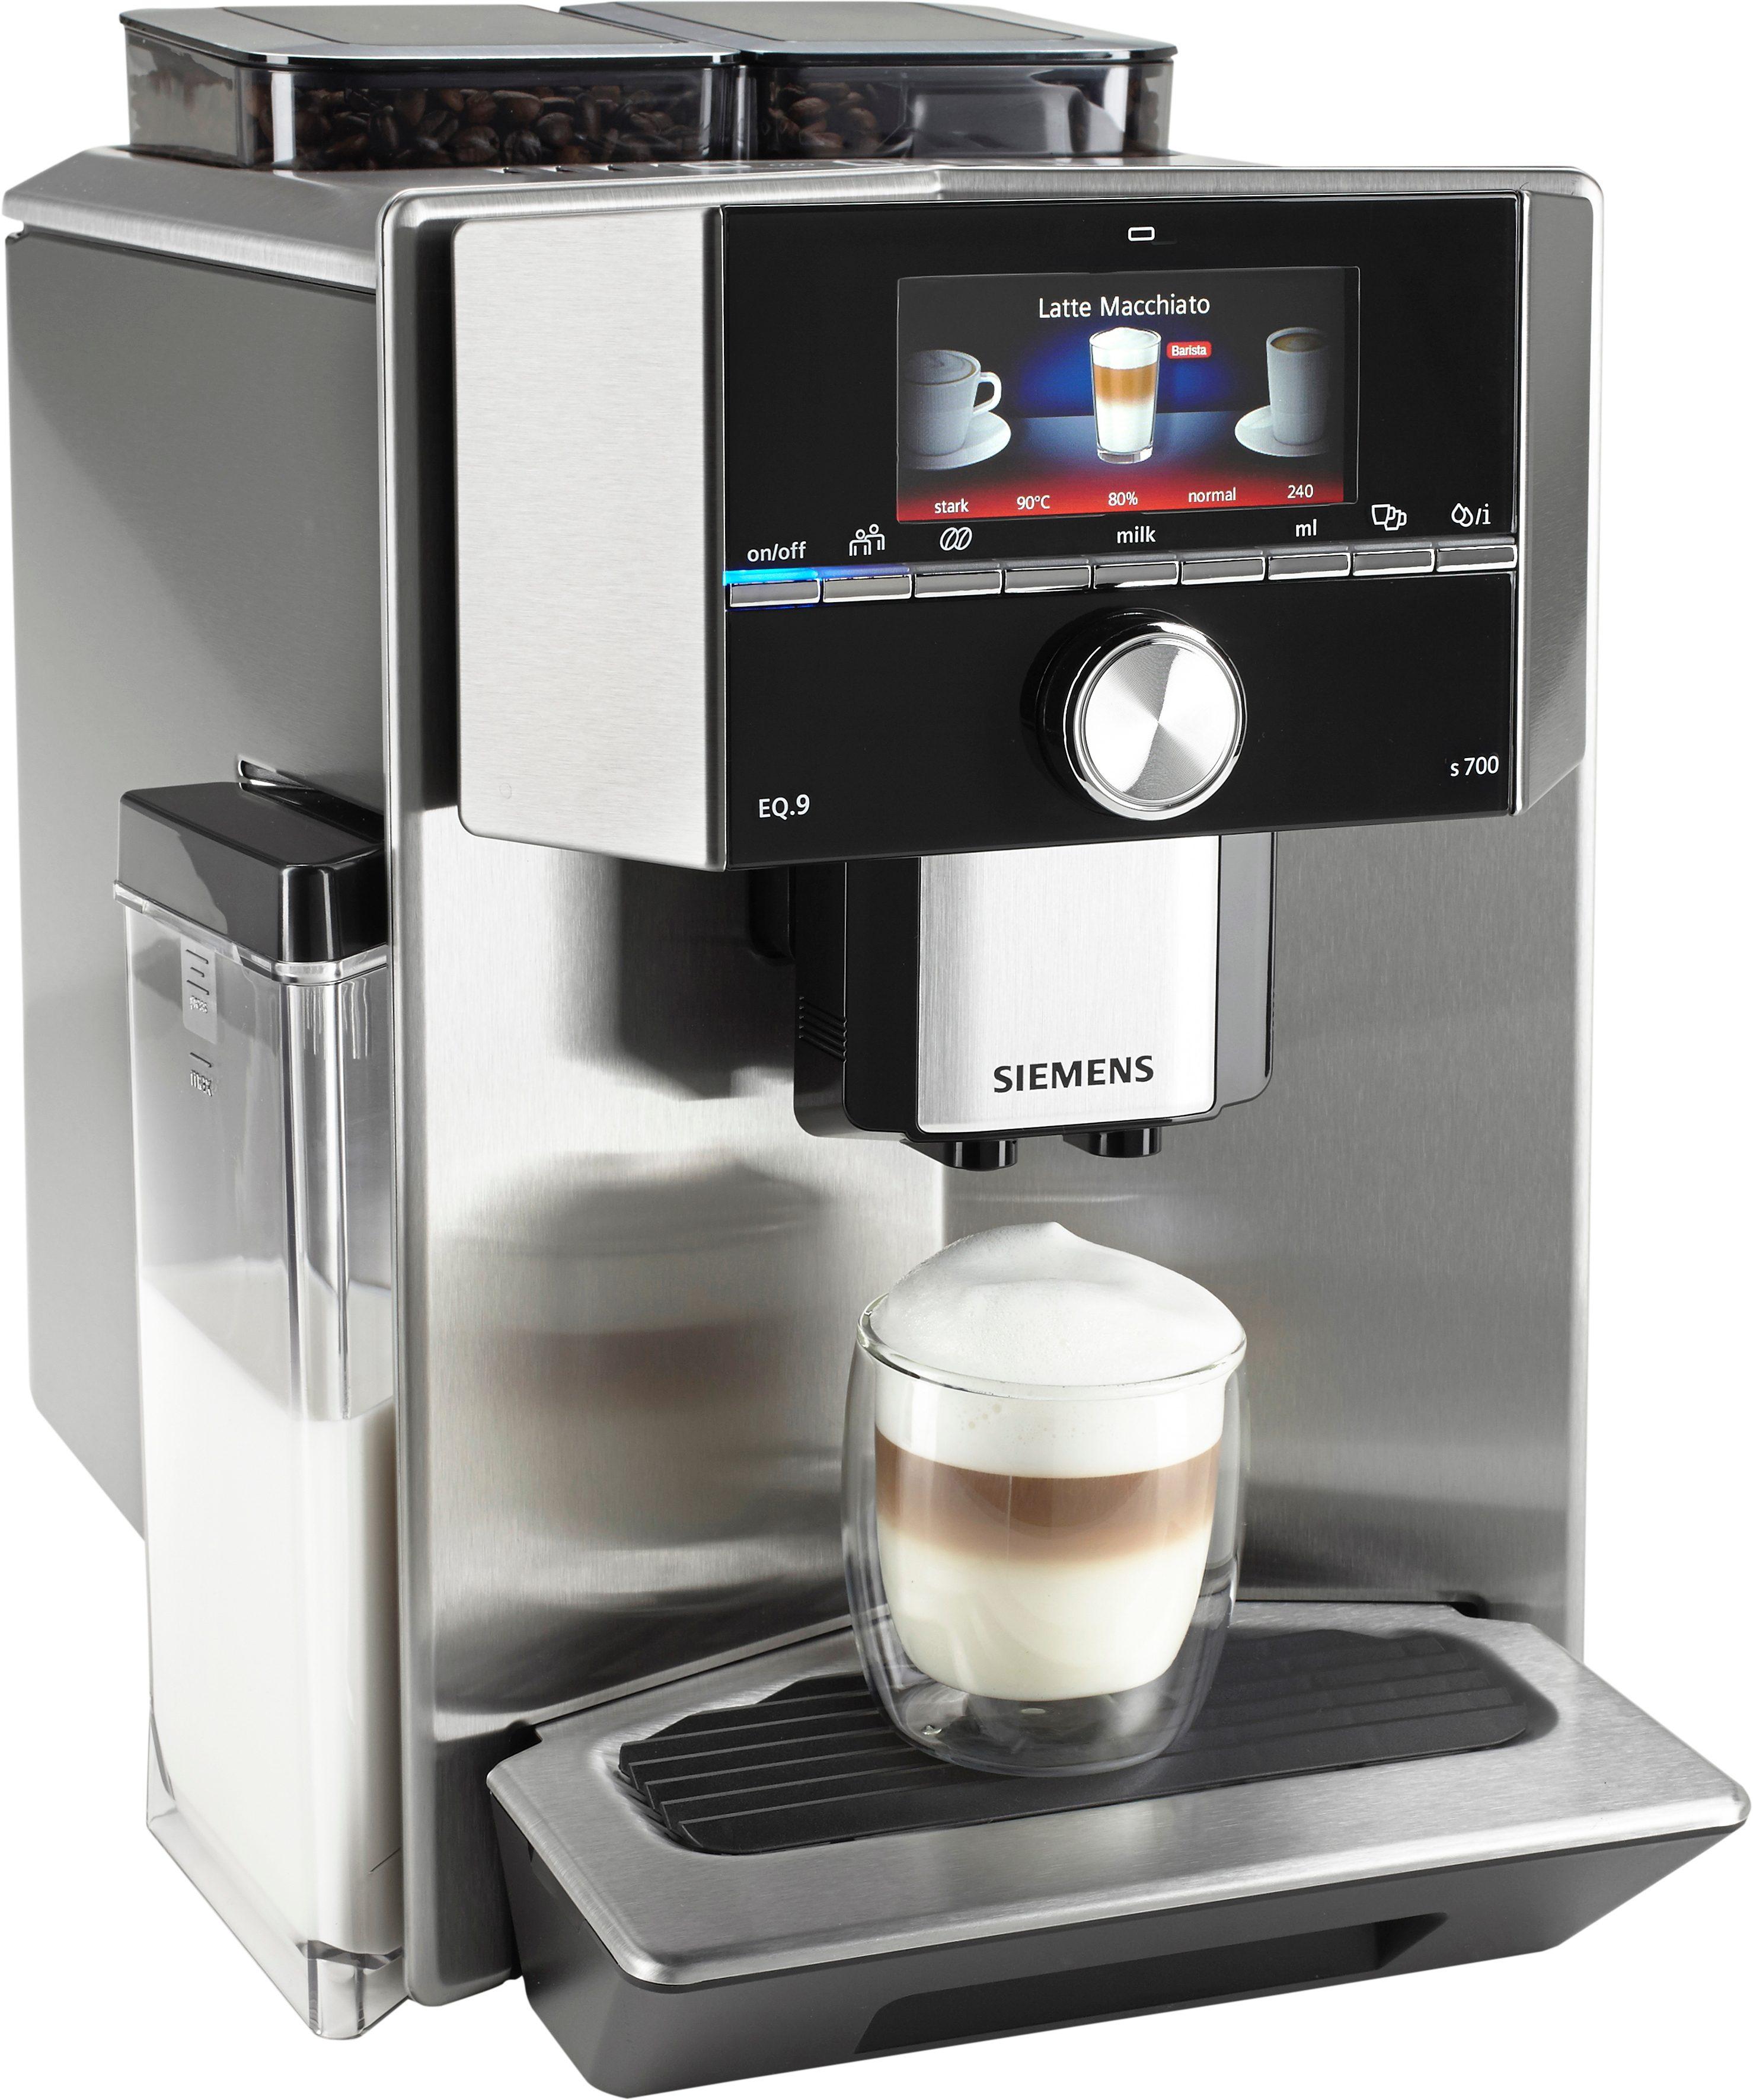 SIEMENS Kaffeevollautomat EQ.9 s700 TI907501DE, Scheibenmahlwerk, mit integriertem Milchtank